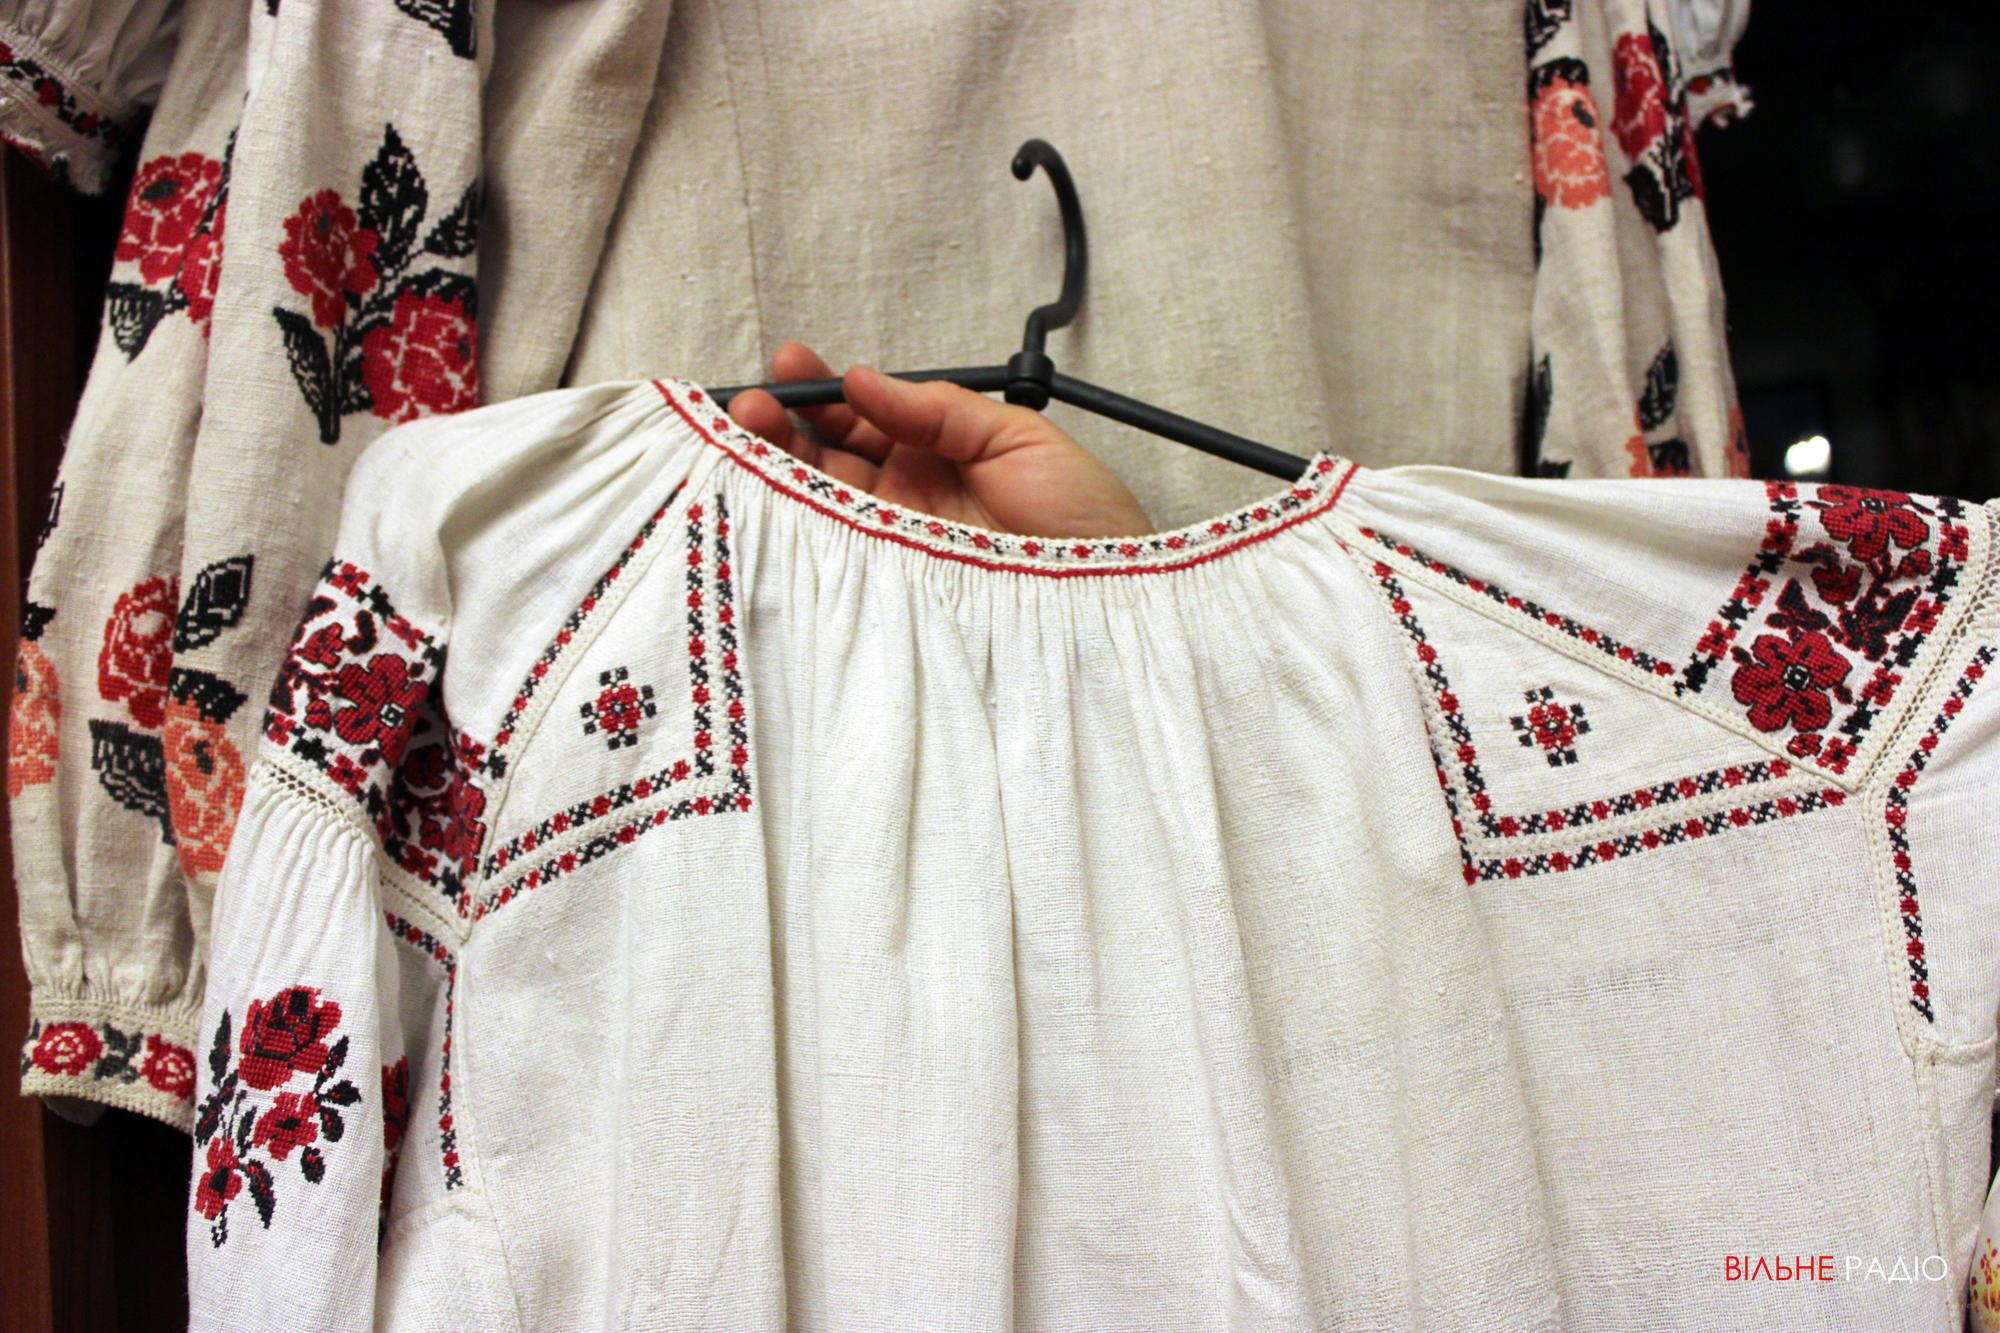 Треугольный орнамент на украинской вышиванке, который по поверию защищает от сглаза